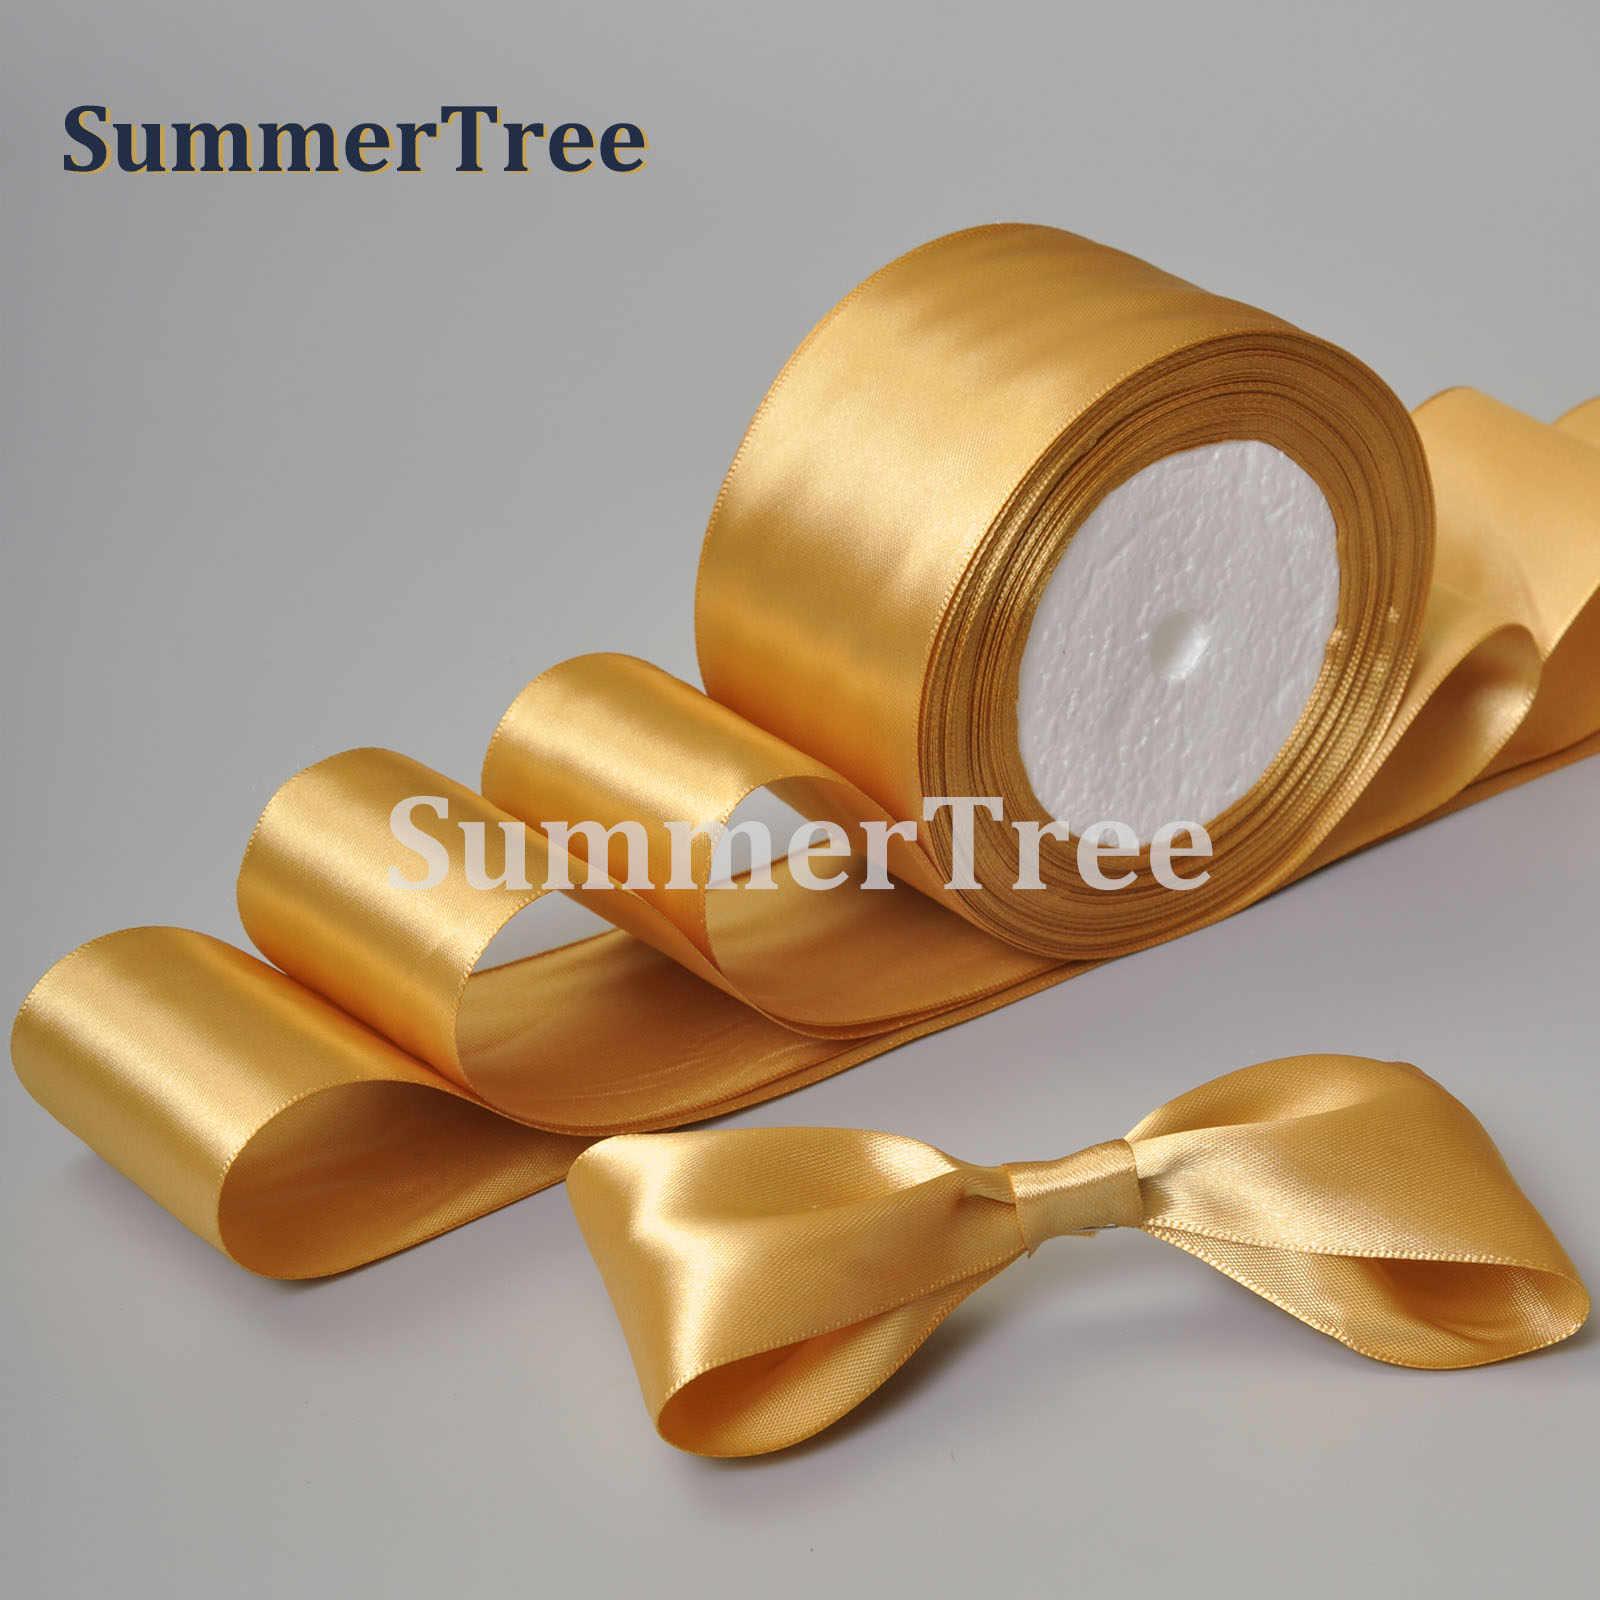 Oro 25 yardas 6mm 10mm 15mm 25mm 38mm 50mm de cinta de satén marco regalo arco artesanía de bricolaje hecha a mano suministros para fiesta de boda banquete Decoración